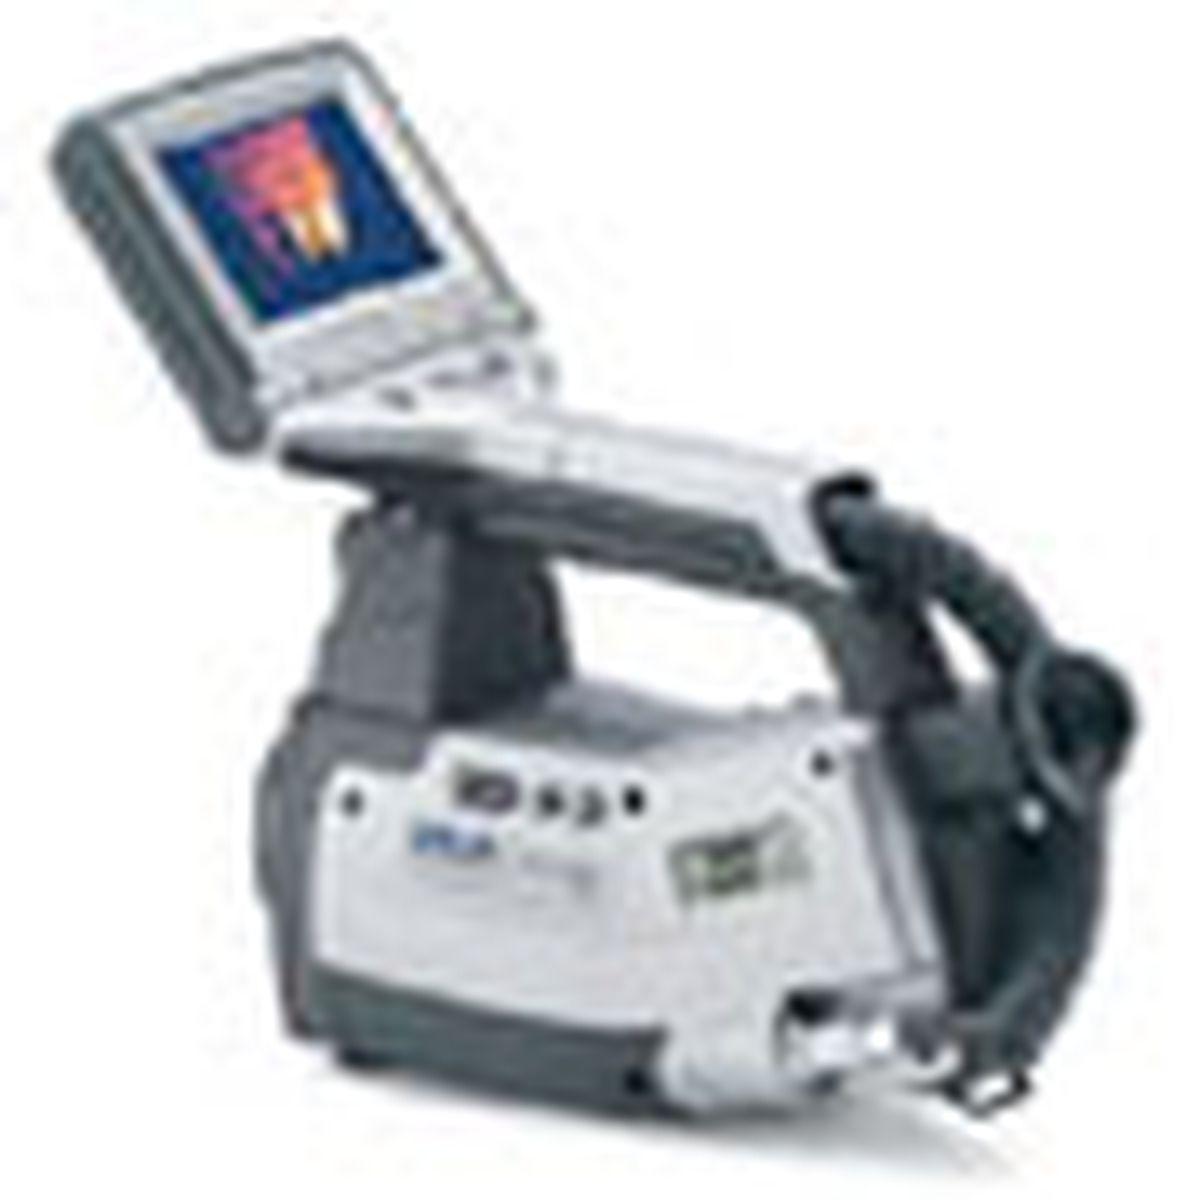 infrared monitor camera